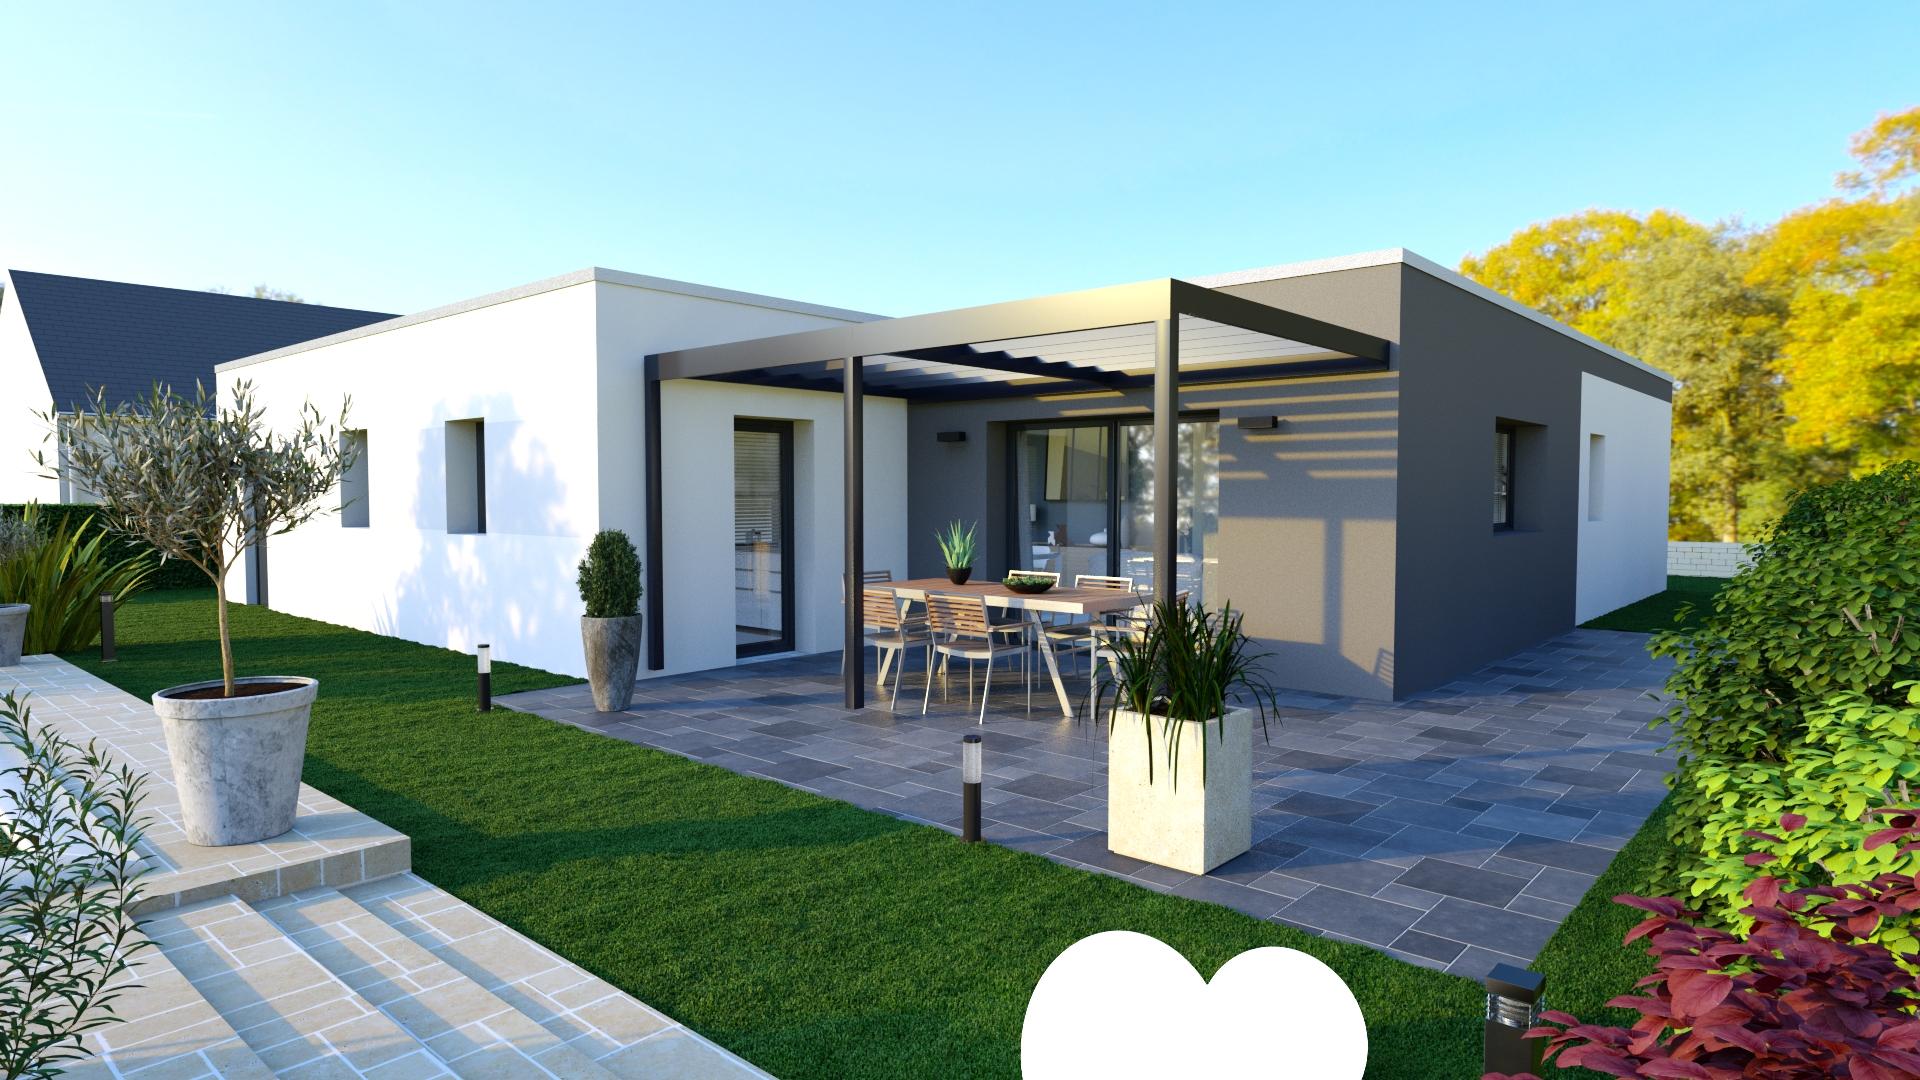 Maison plain-pied à toit plat à Yssingeaux 43200 - LogiVelay